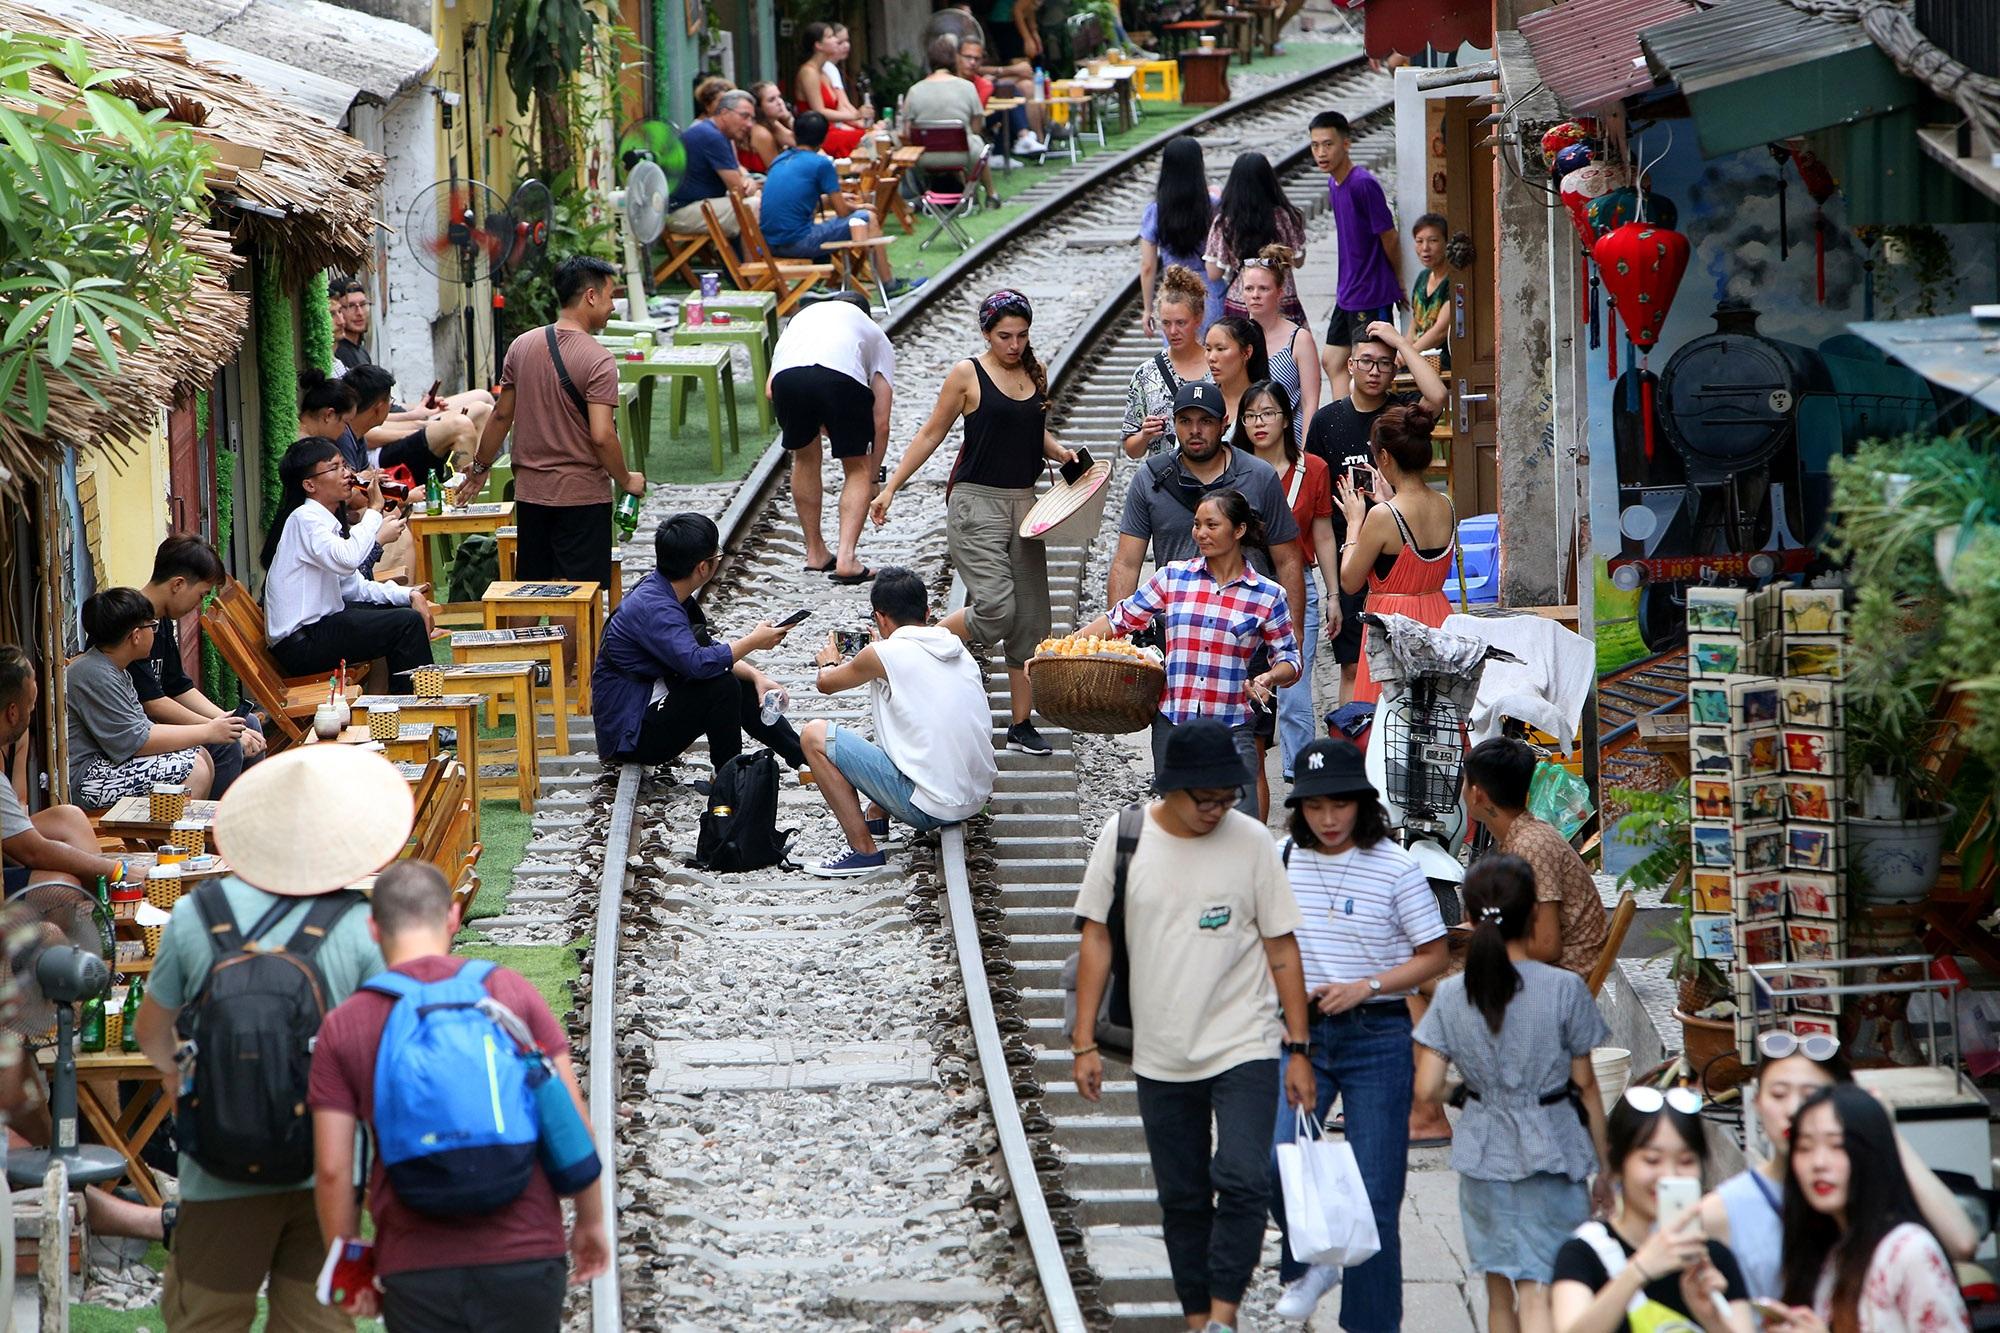 Xóm đường tàu lên đời thành điểm du lịch hấp dẫn ở Hà Nội - 1